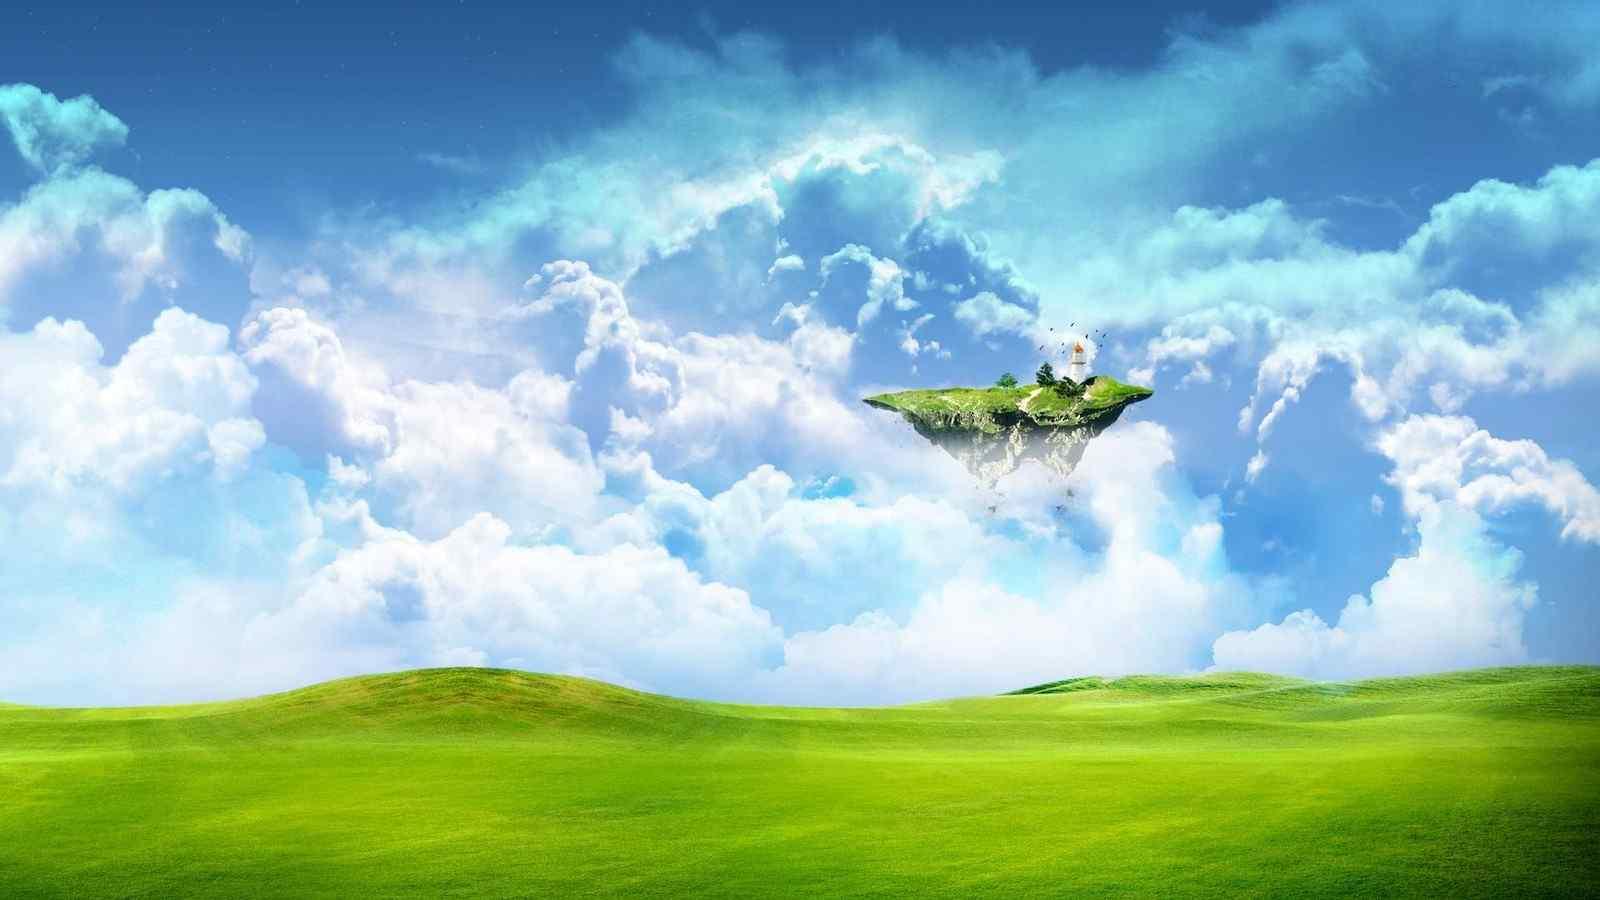 远处蓝天梦幻小岛高清桌面壁纸下载